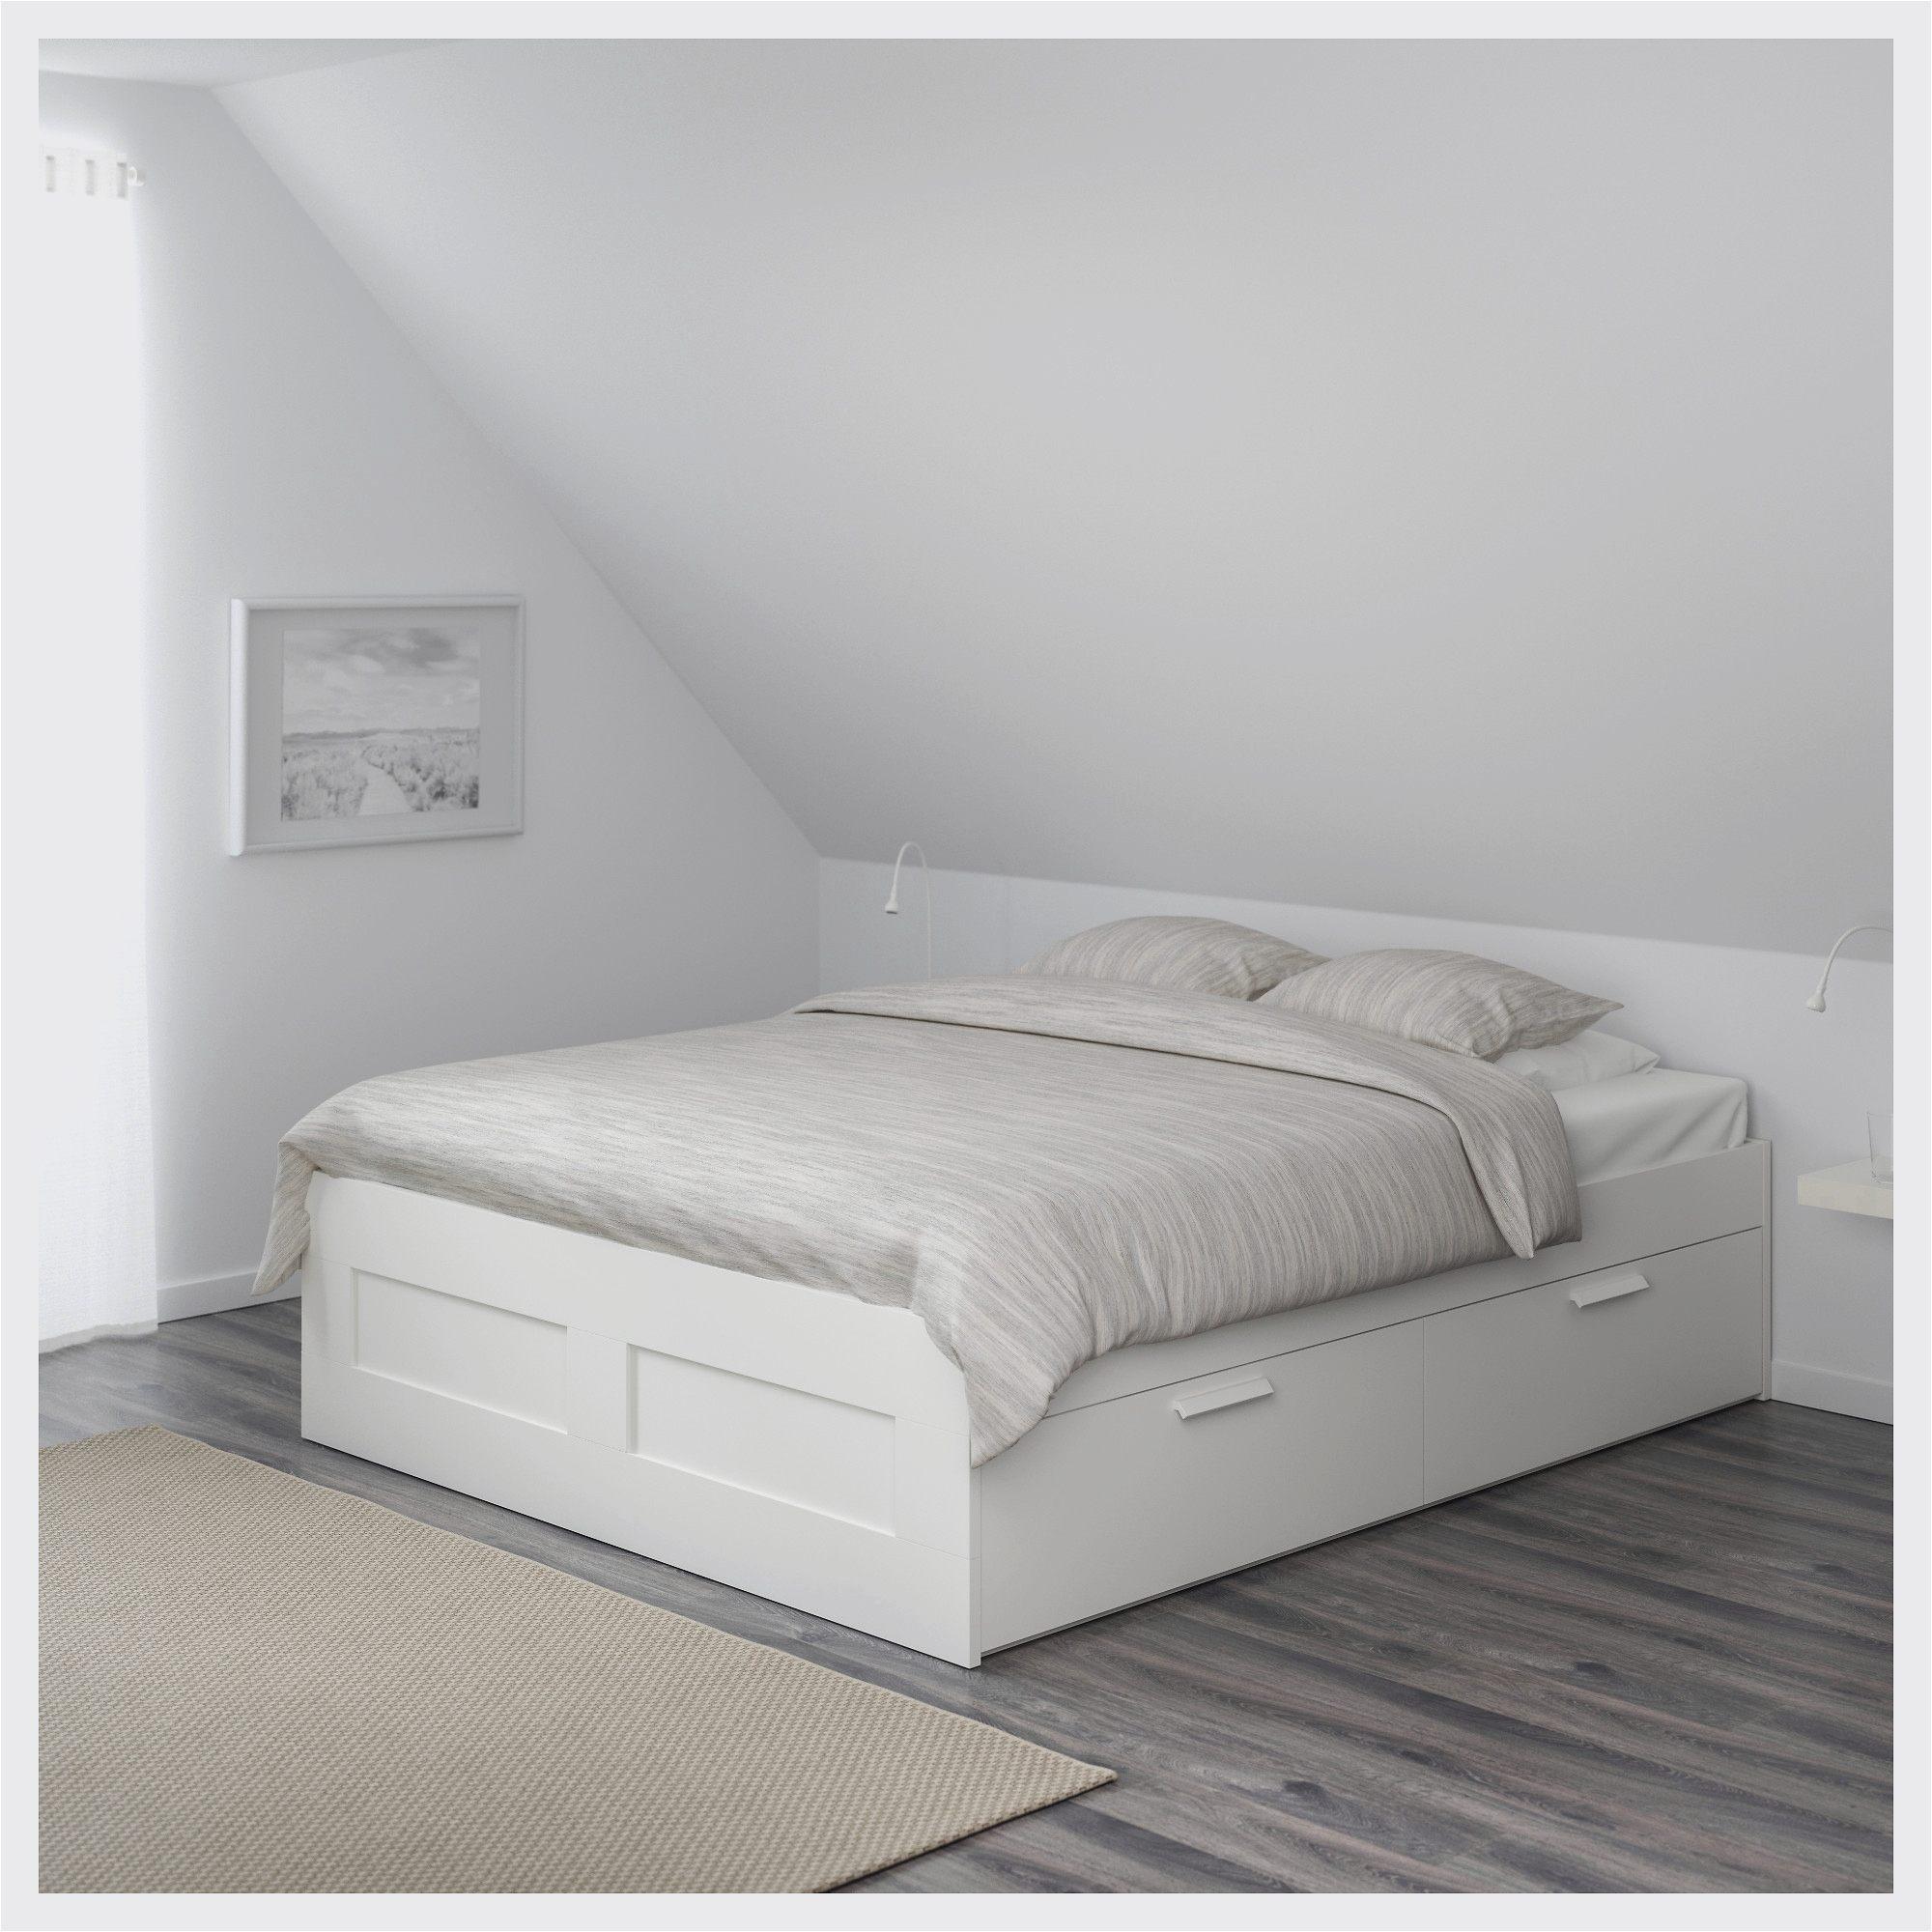 Dimension Couette Lit 160×200 Génial Couette Pour Lit 160—200 Ikea Beau Parure De Lit King Size Stunning